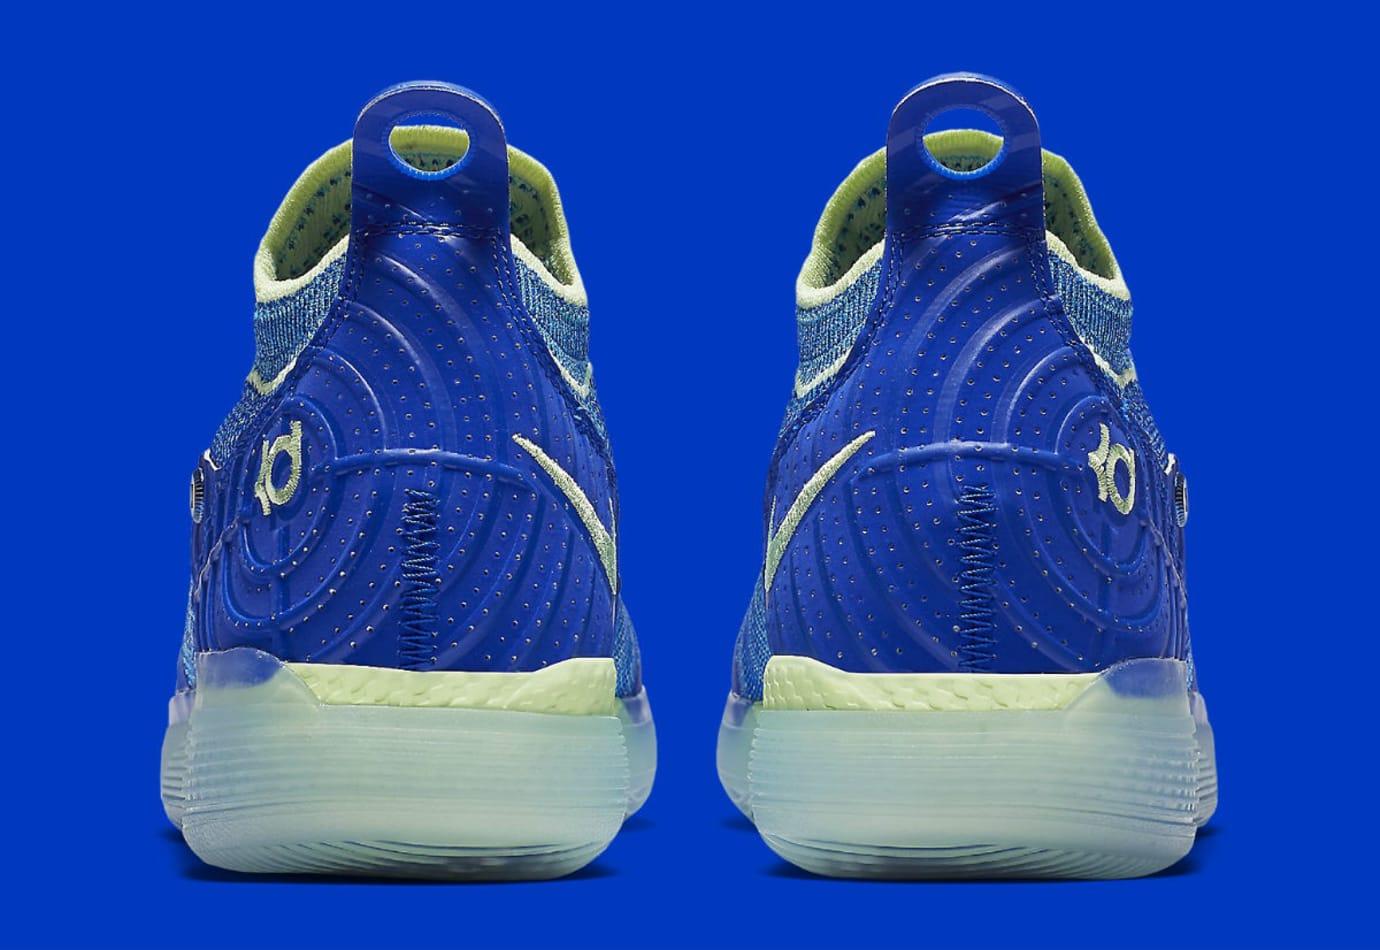 5fbdfdf3f5b Image via Nike Nike Zoom KD 11 EP Blue Release Date AO2605-900 Heel